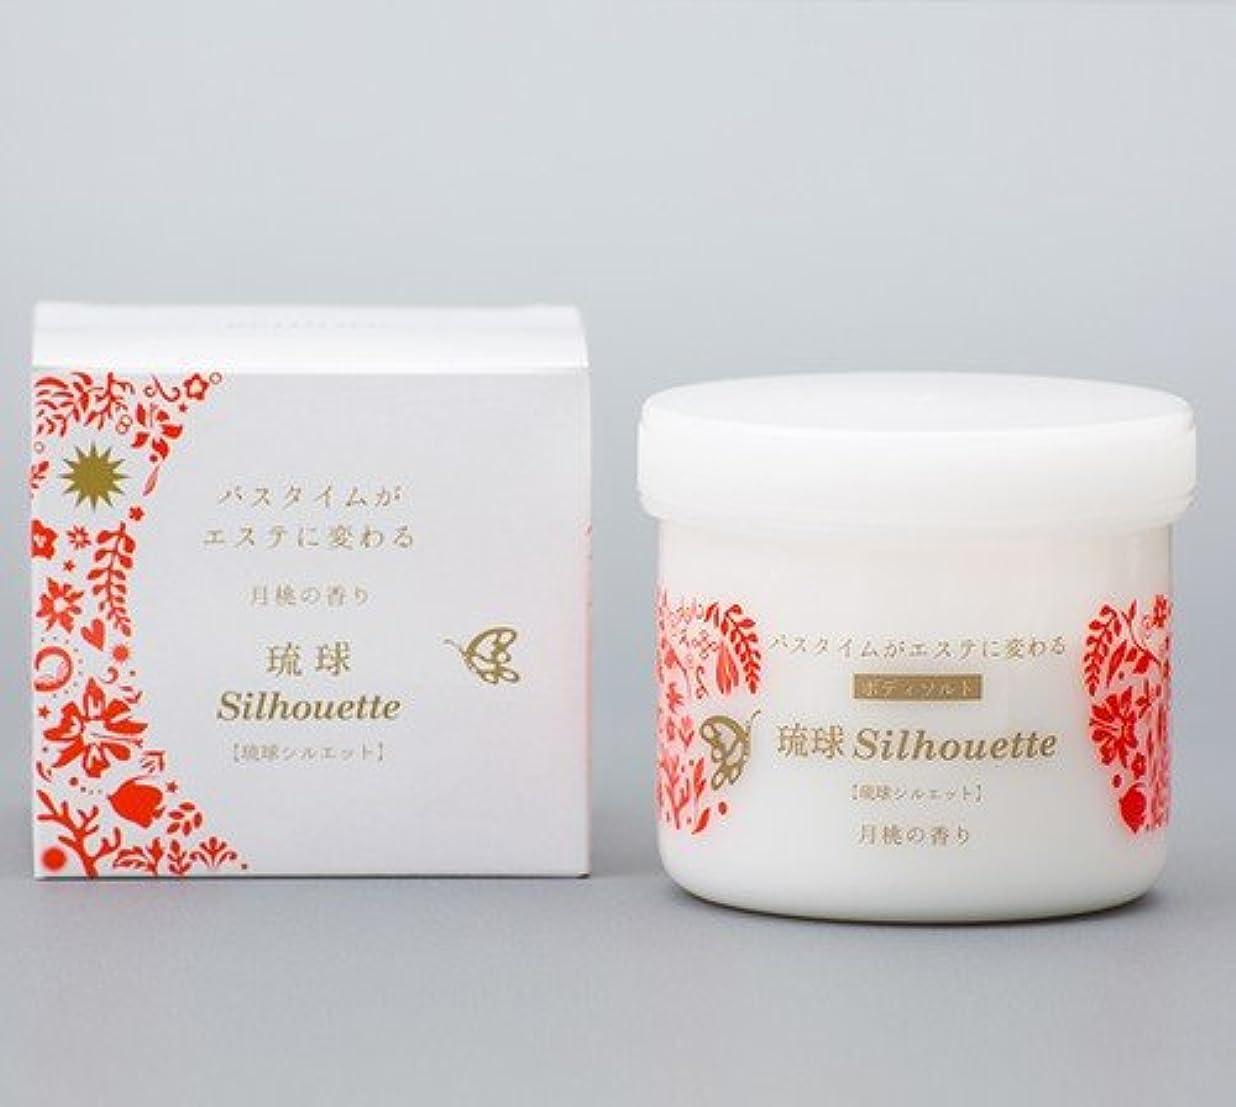 相談するバラエティ準拠月桃の香り 琉球シルエット ソルトソープ(200g)